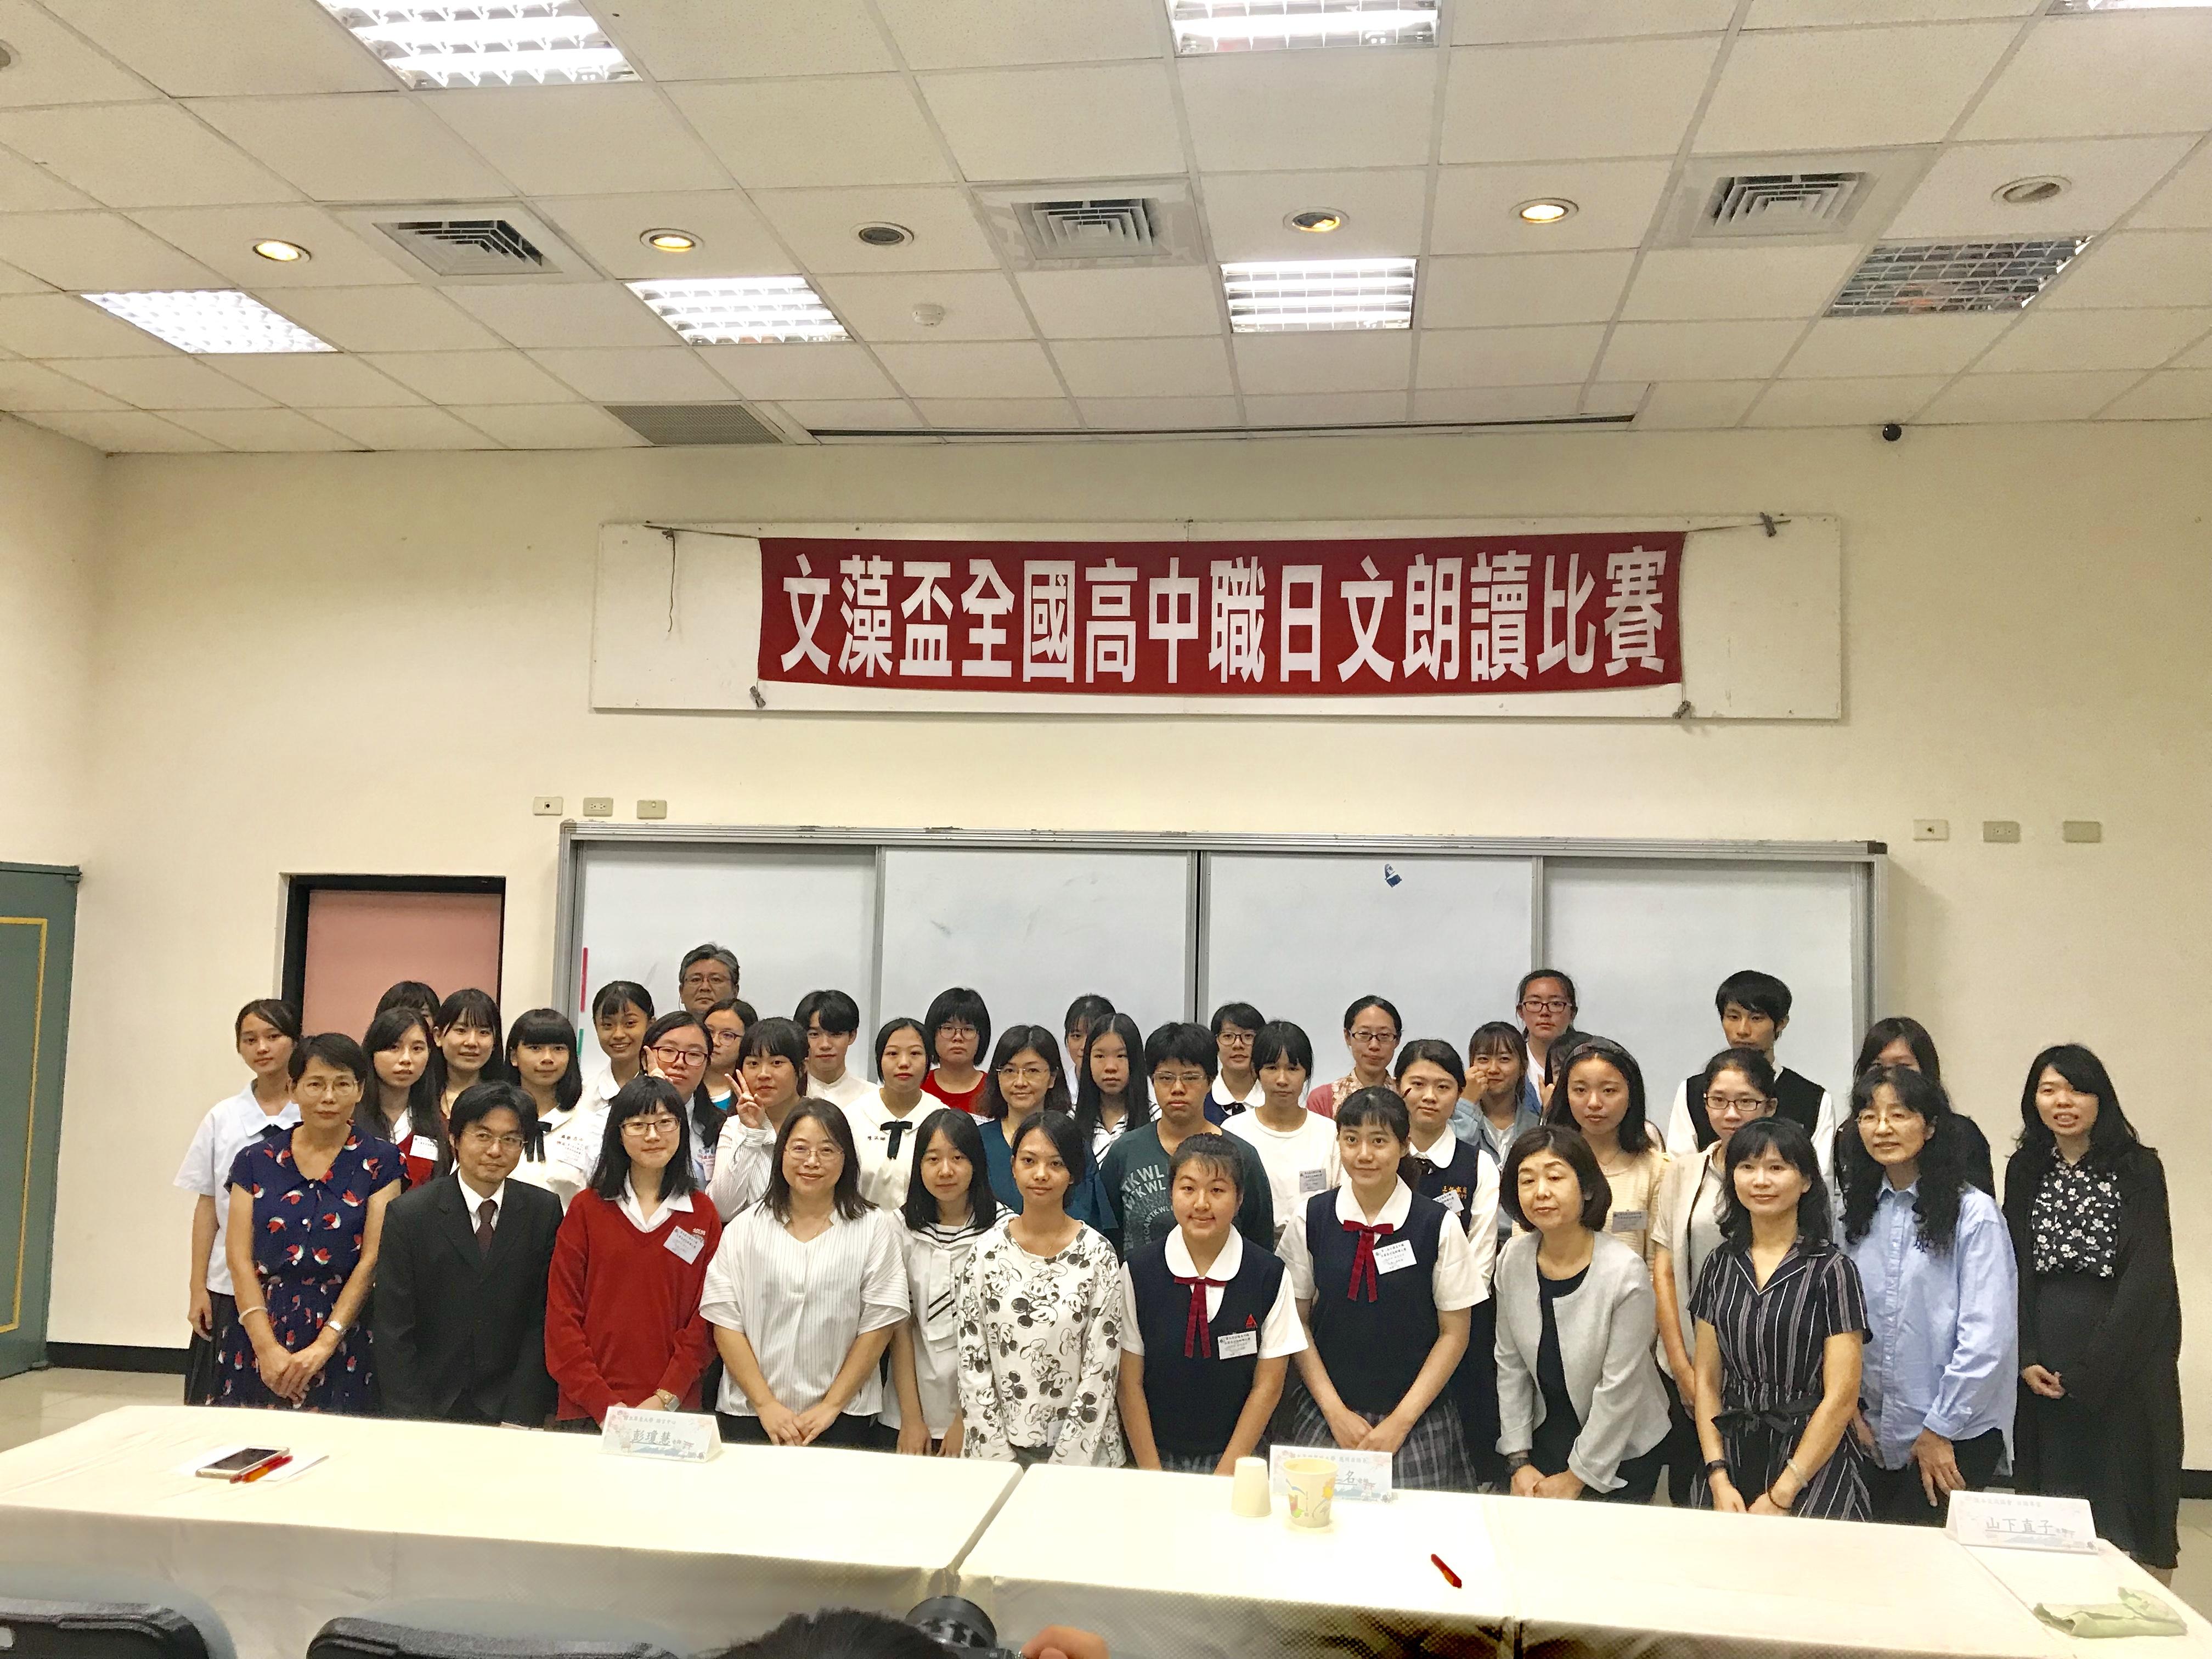 2018/10/27 第九屆文藻盃全國高中職日文朗讀比賽